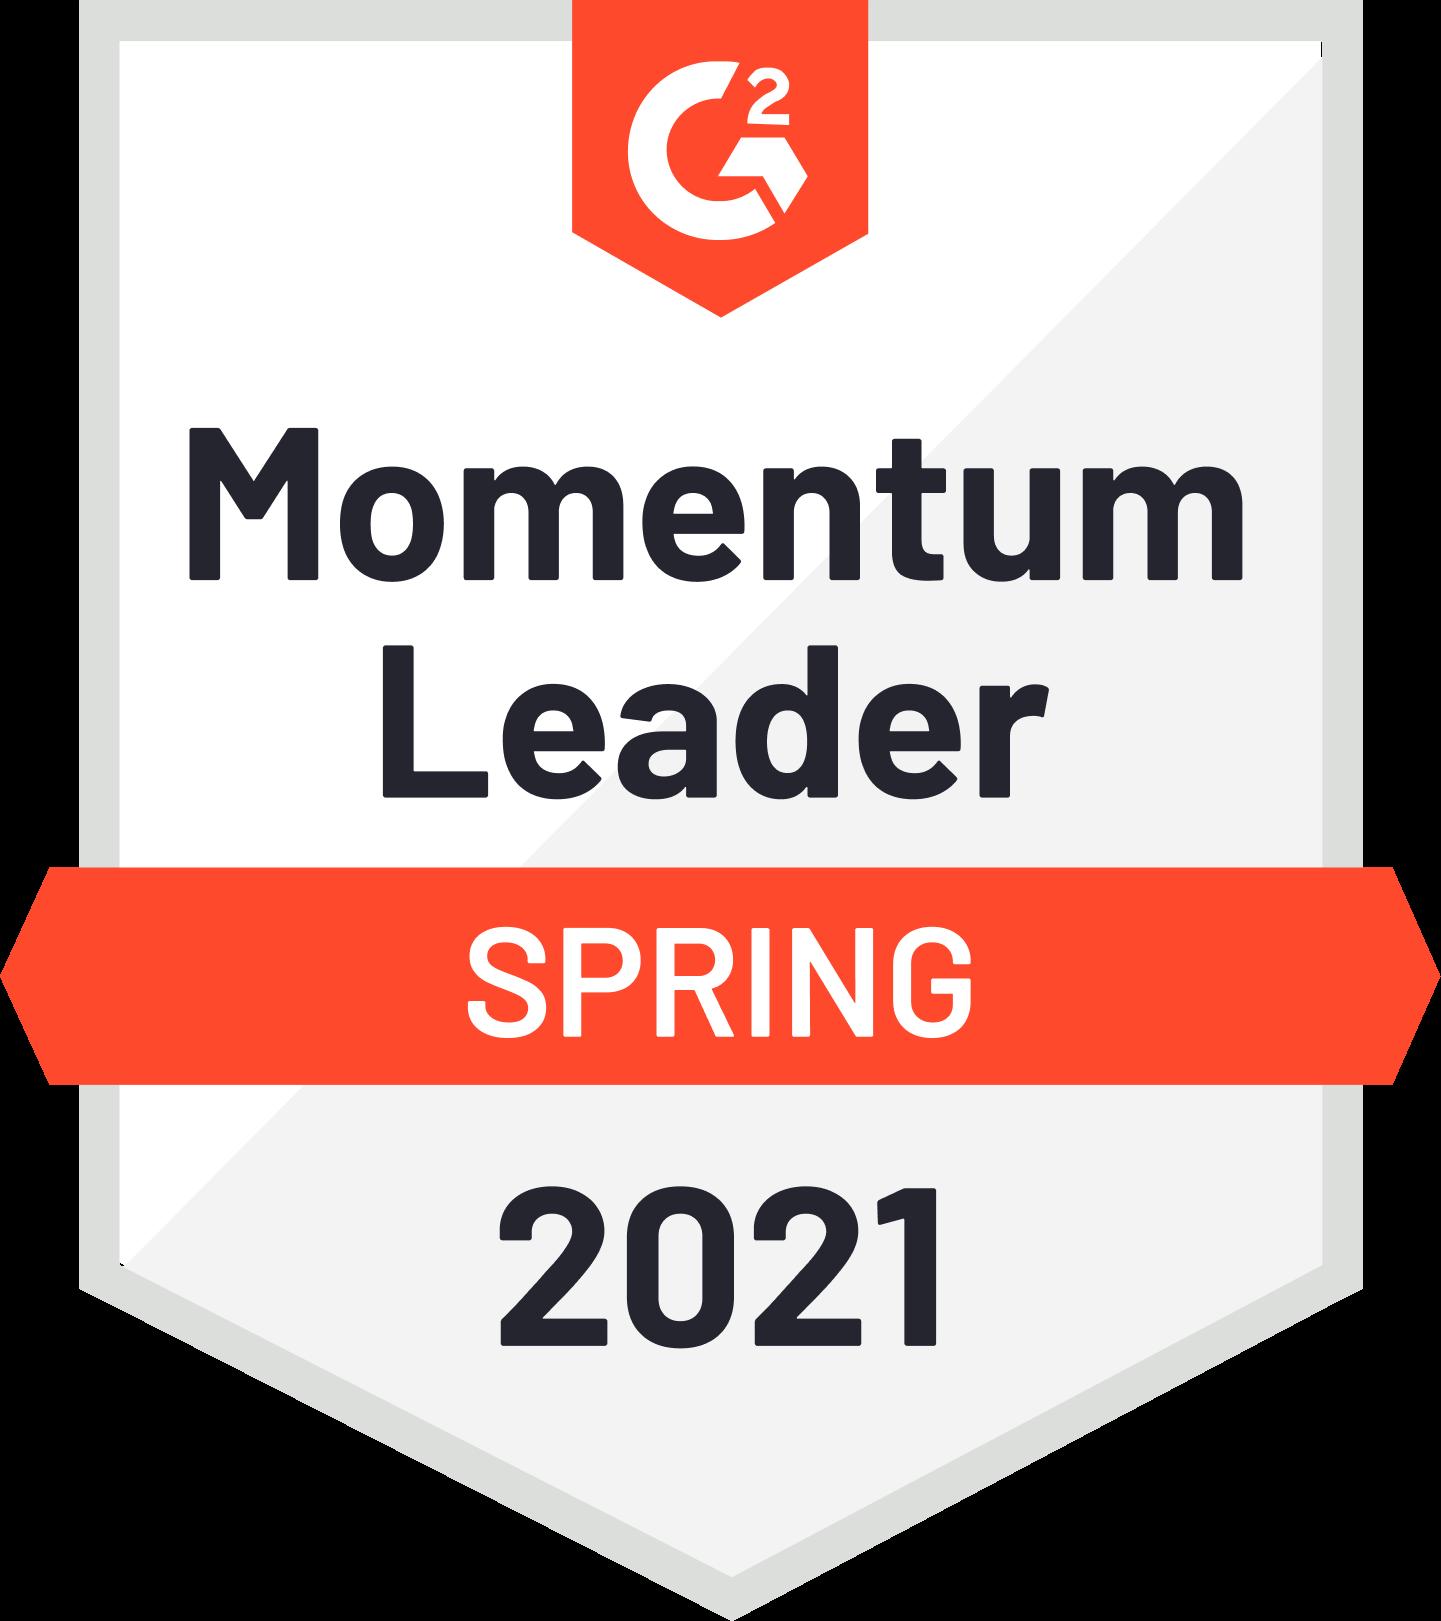 Momentum Leader